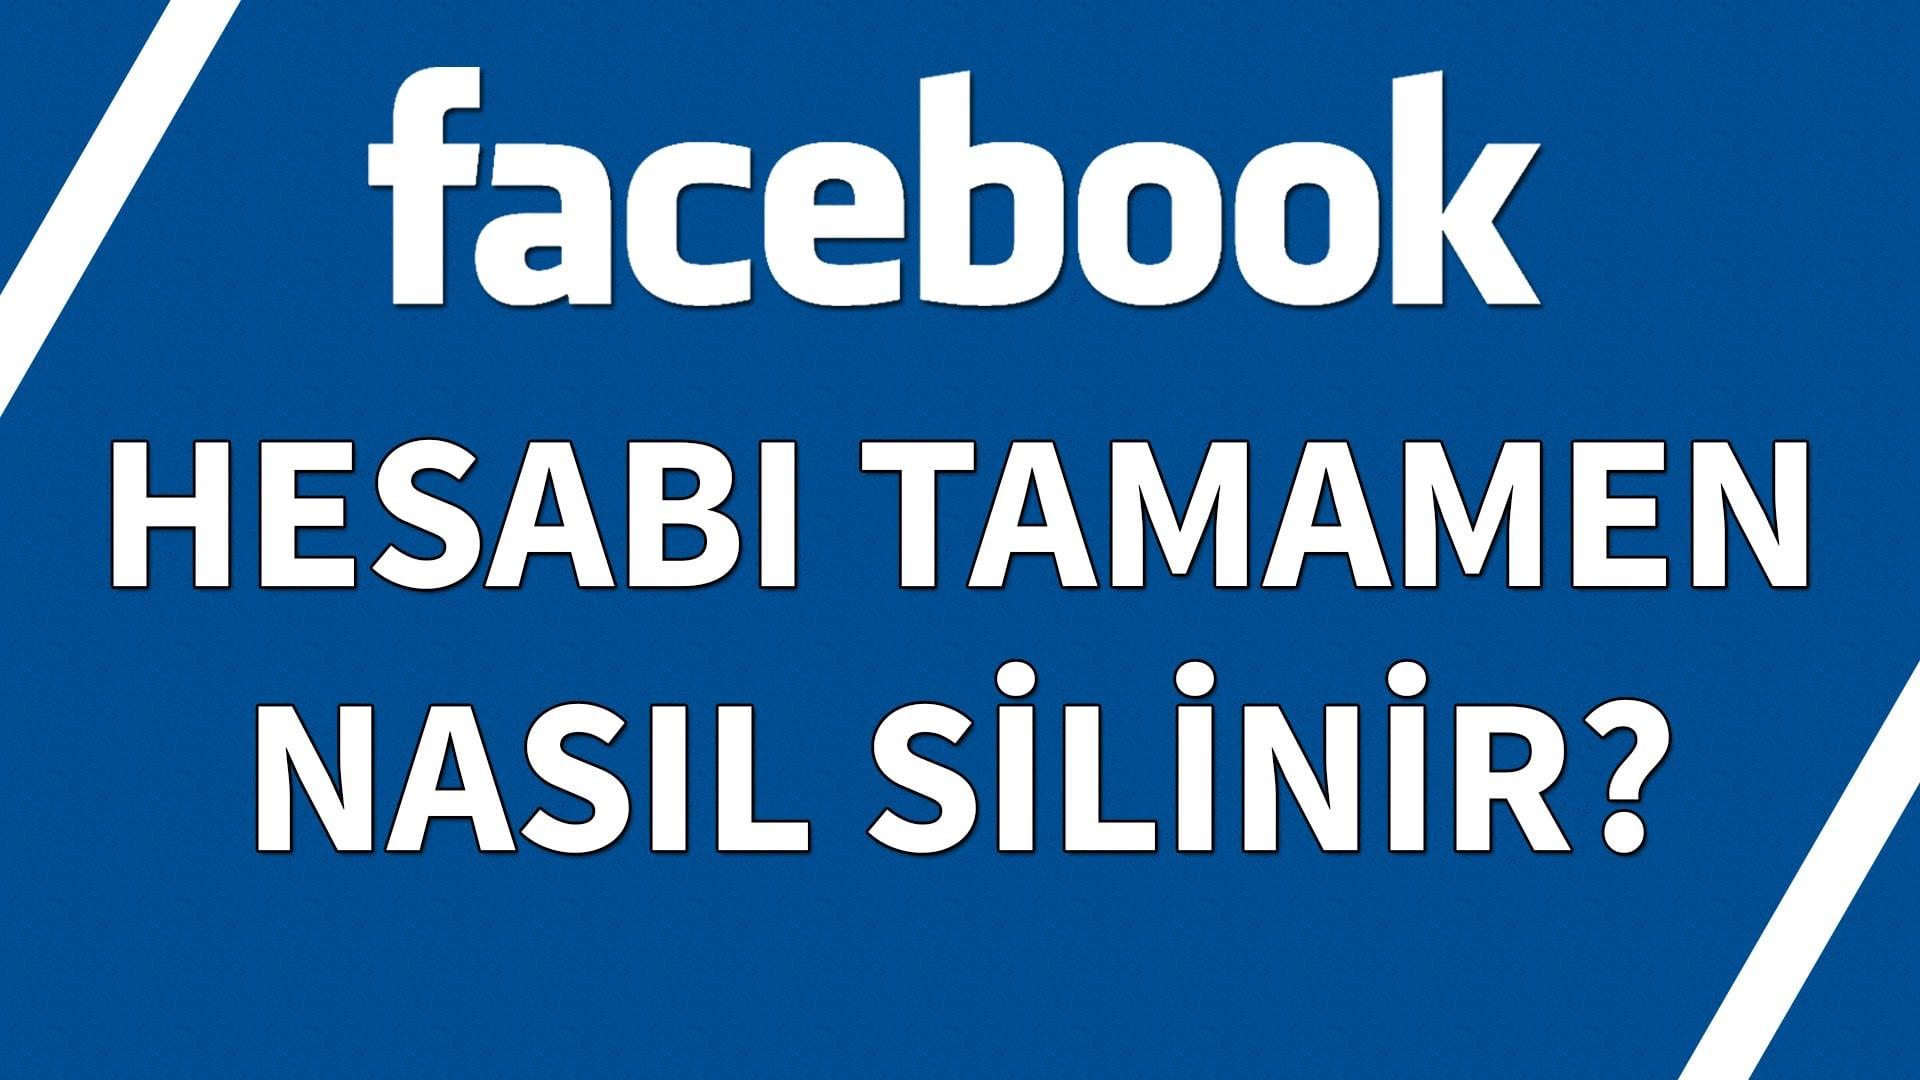 Facebook Hesabı Nasıl Silinir? Facebook Hesabı Nasıl Silinir Facebook Hesabı Nasıl Silinir? maxresdefault 1